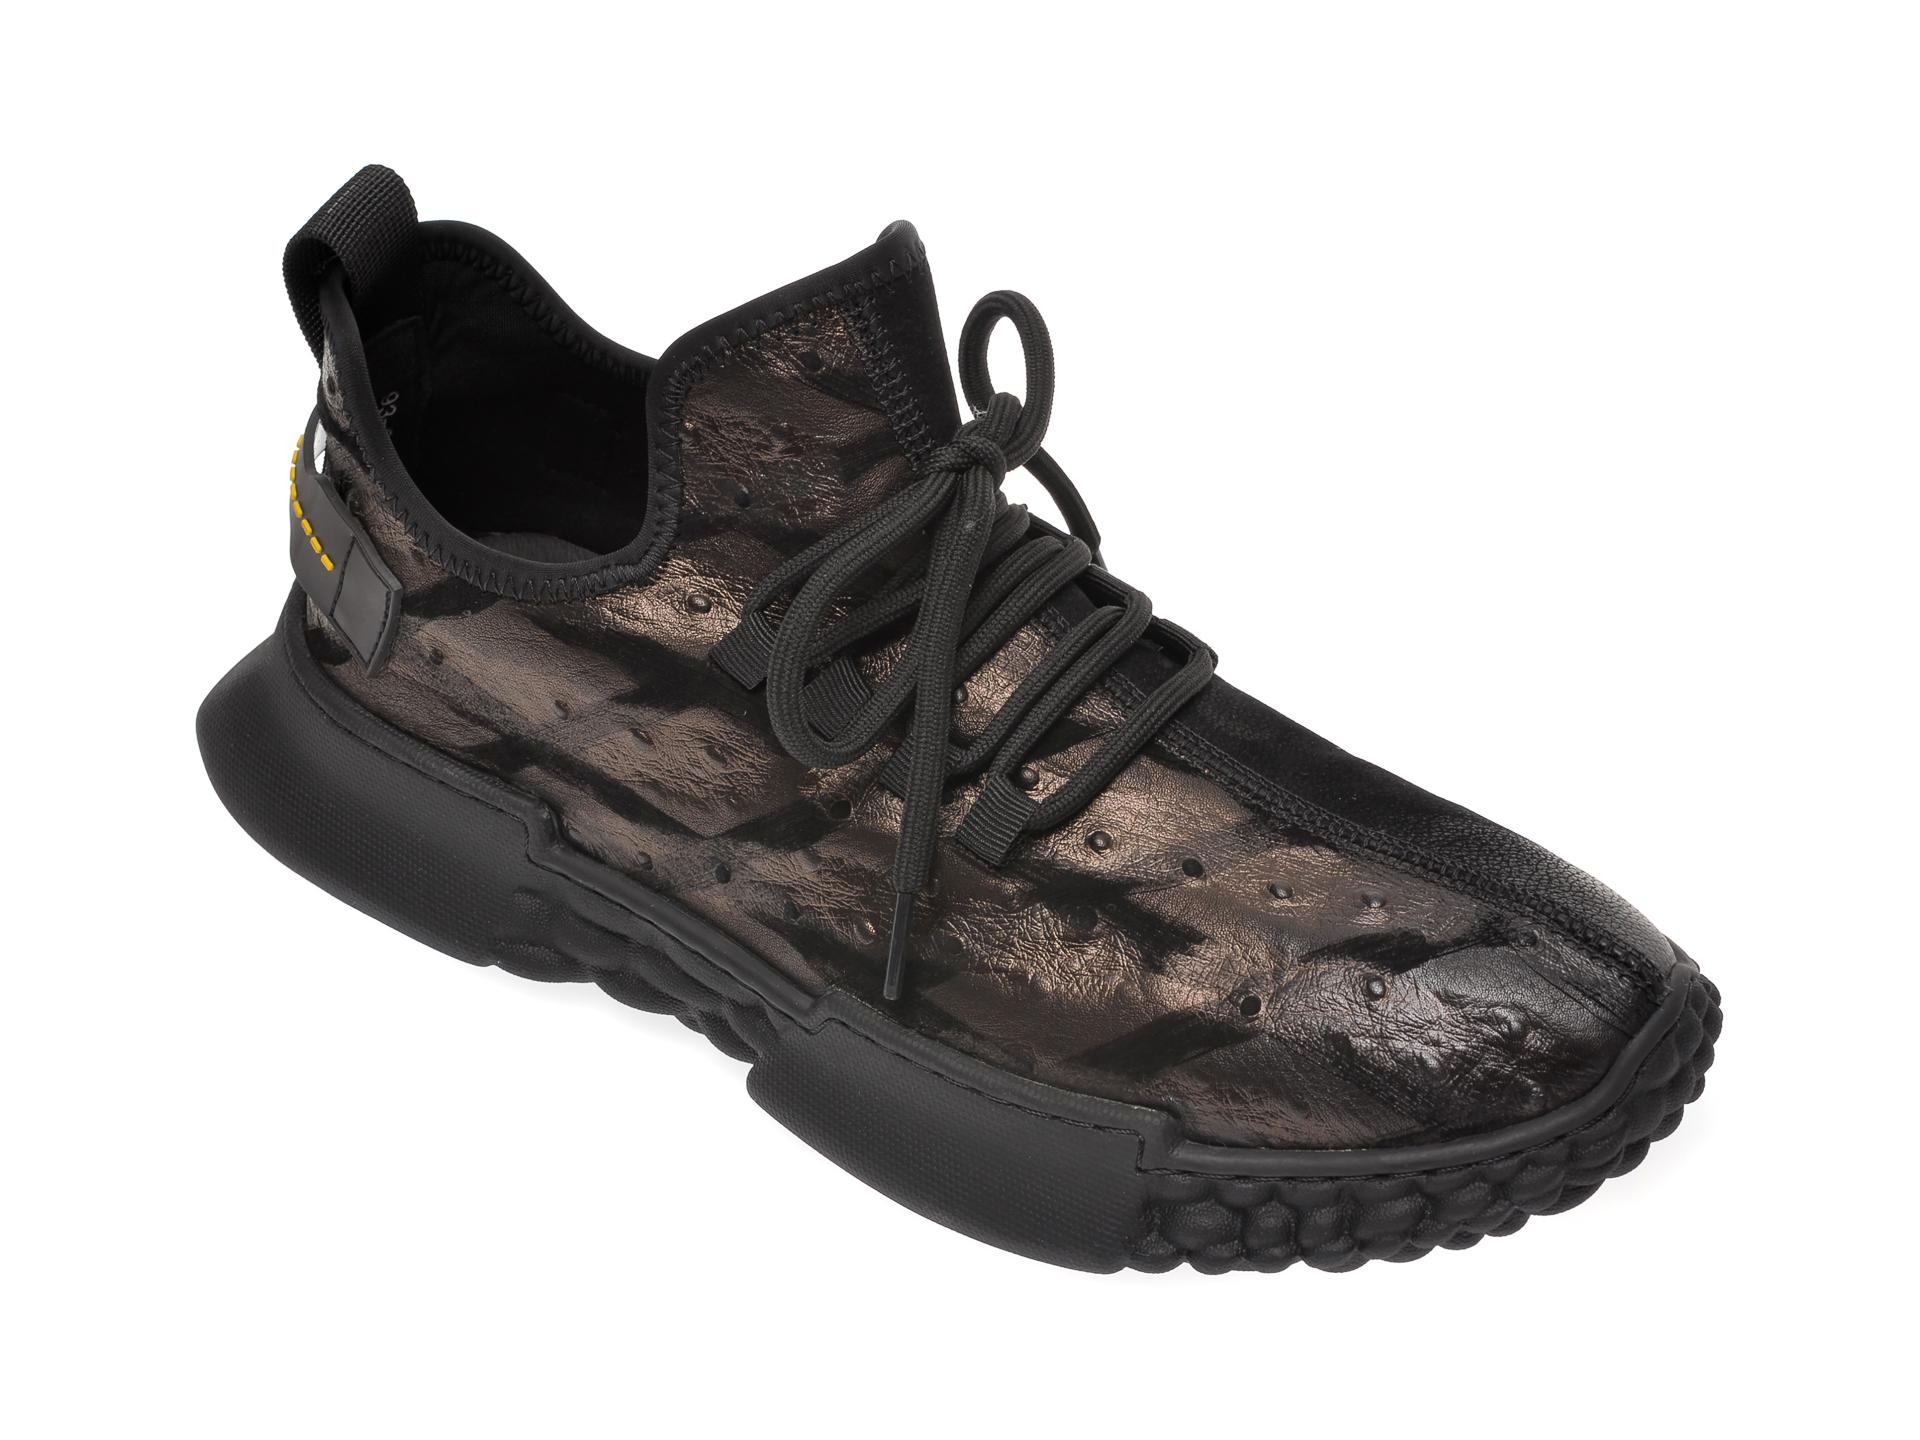 Pantofi sport BITE THE BULLET negri, 9395271, din nabuc imagine